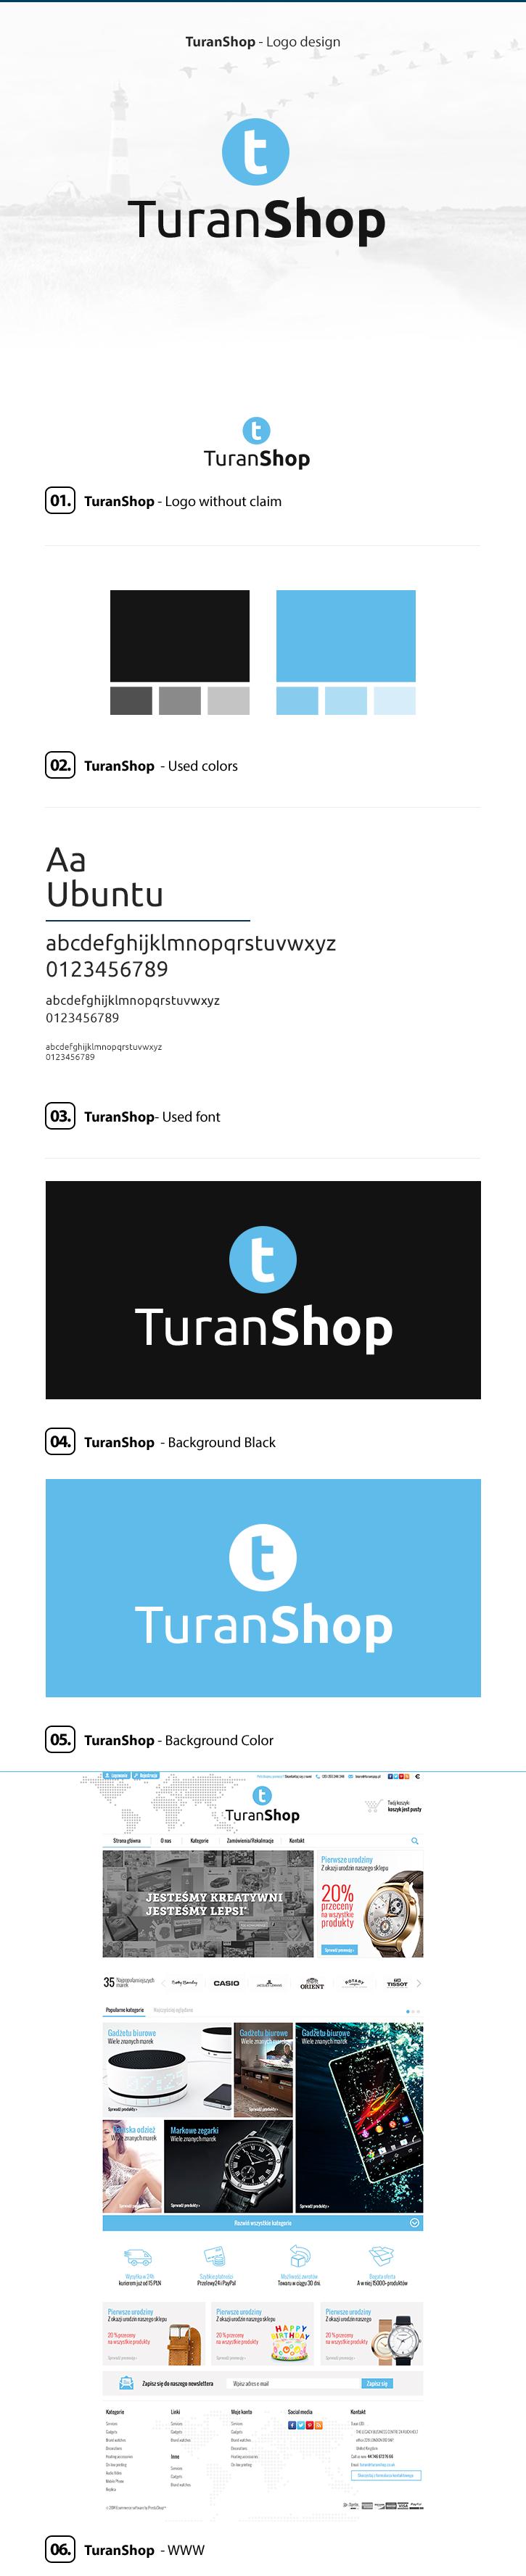 turanshop3